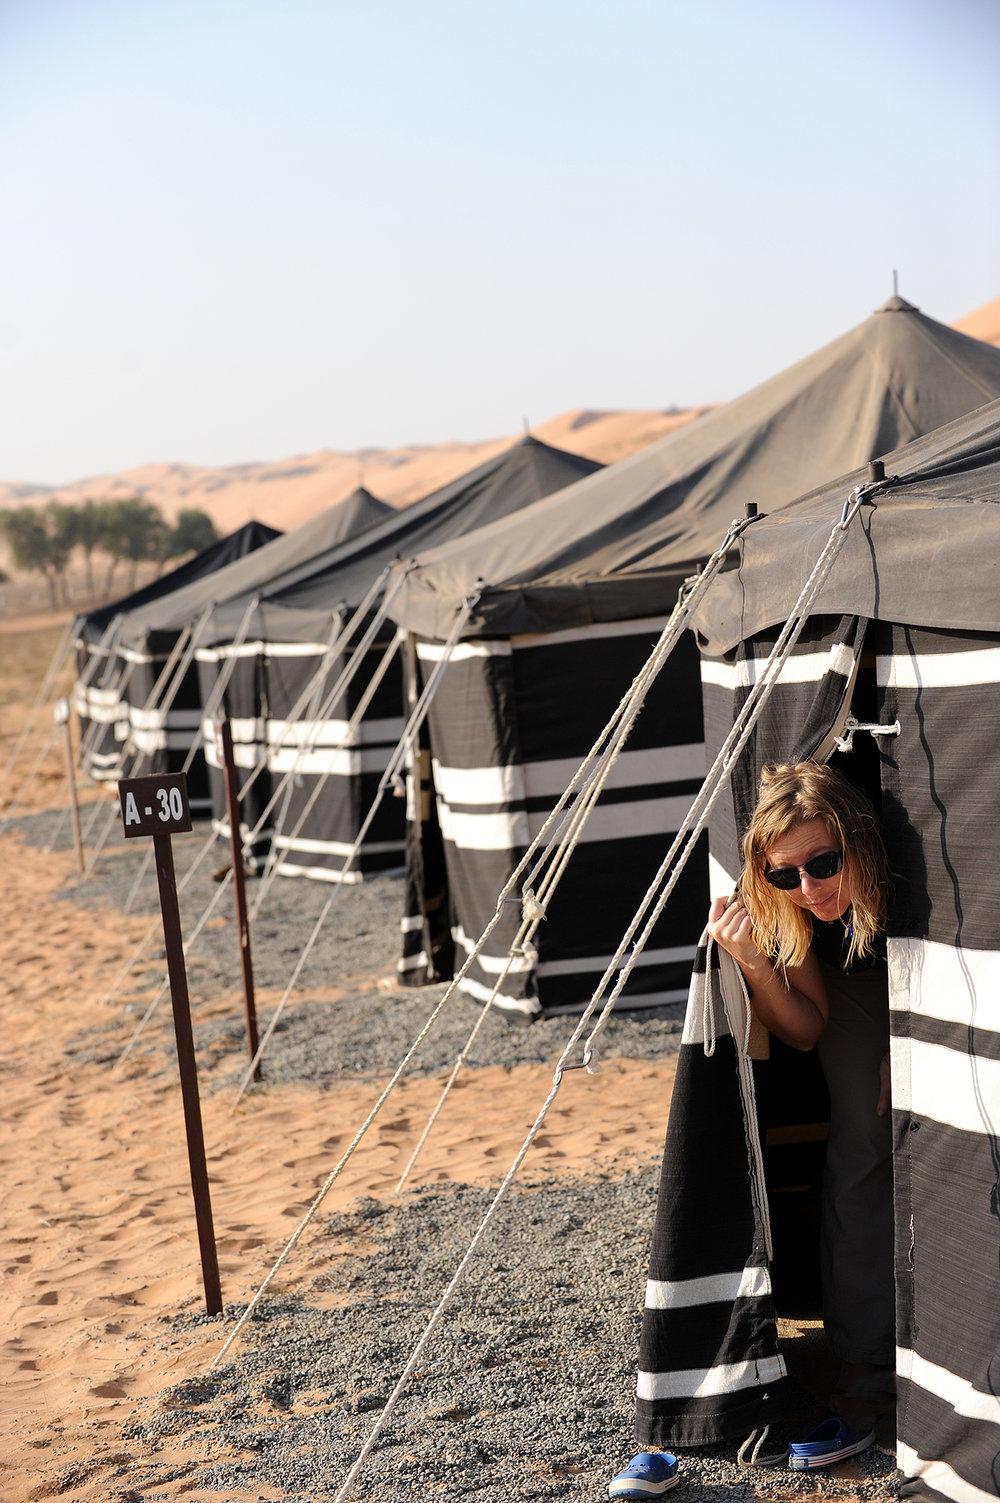 Oman, aavikko, hotelli, matka, matkablogi, teltta